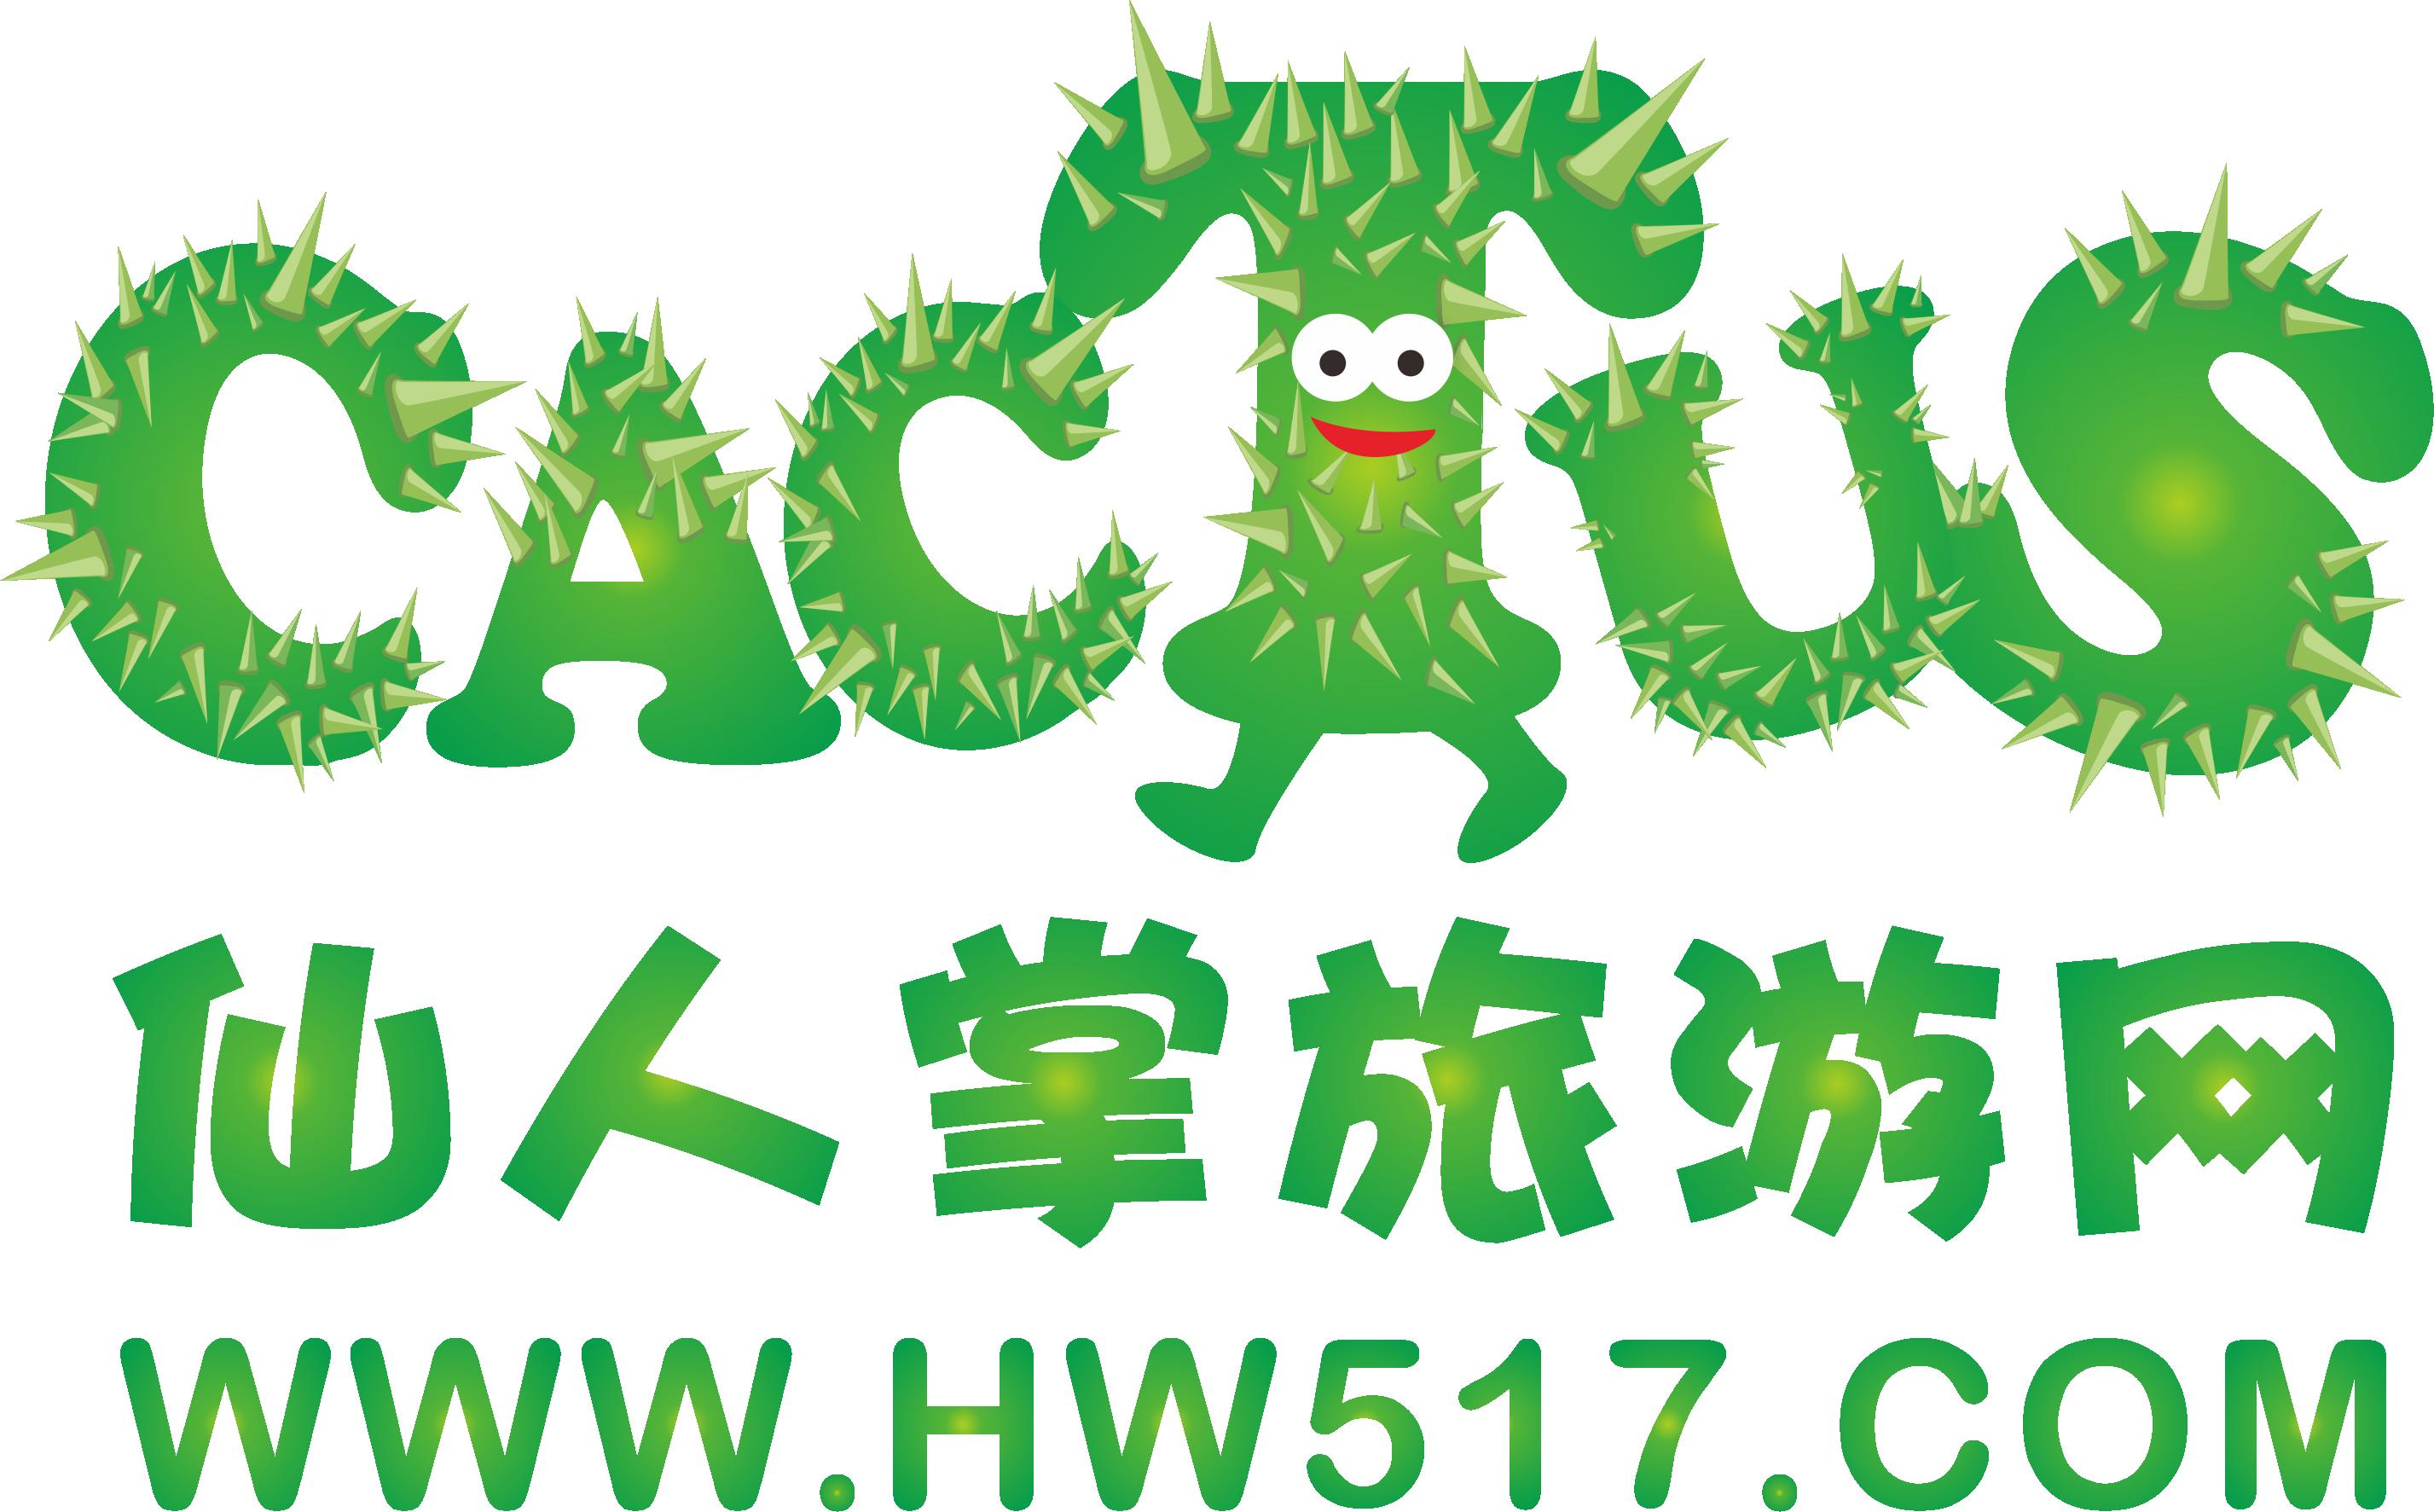 【仙人掌旅游】杭州宋城、观《宋城千古情》表演特价一日游